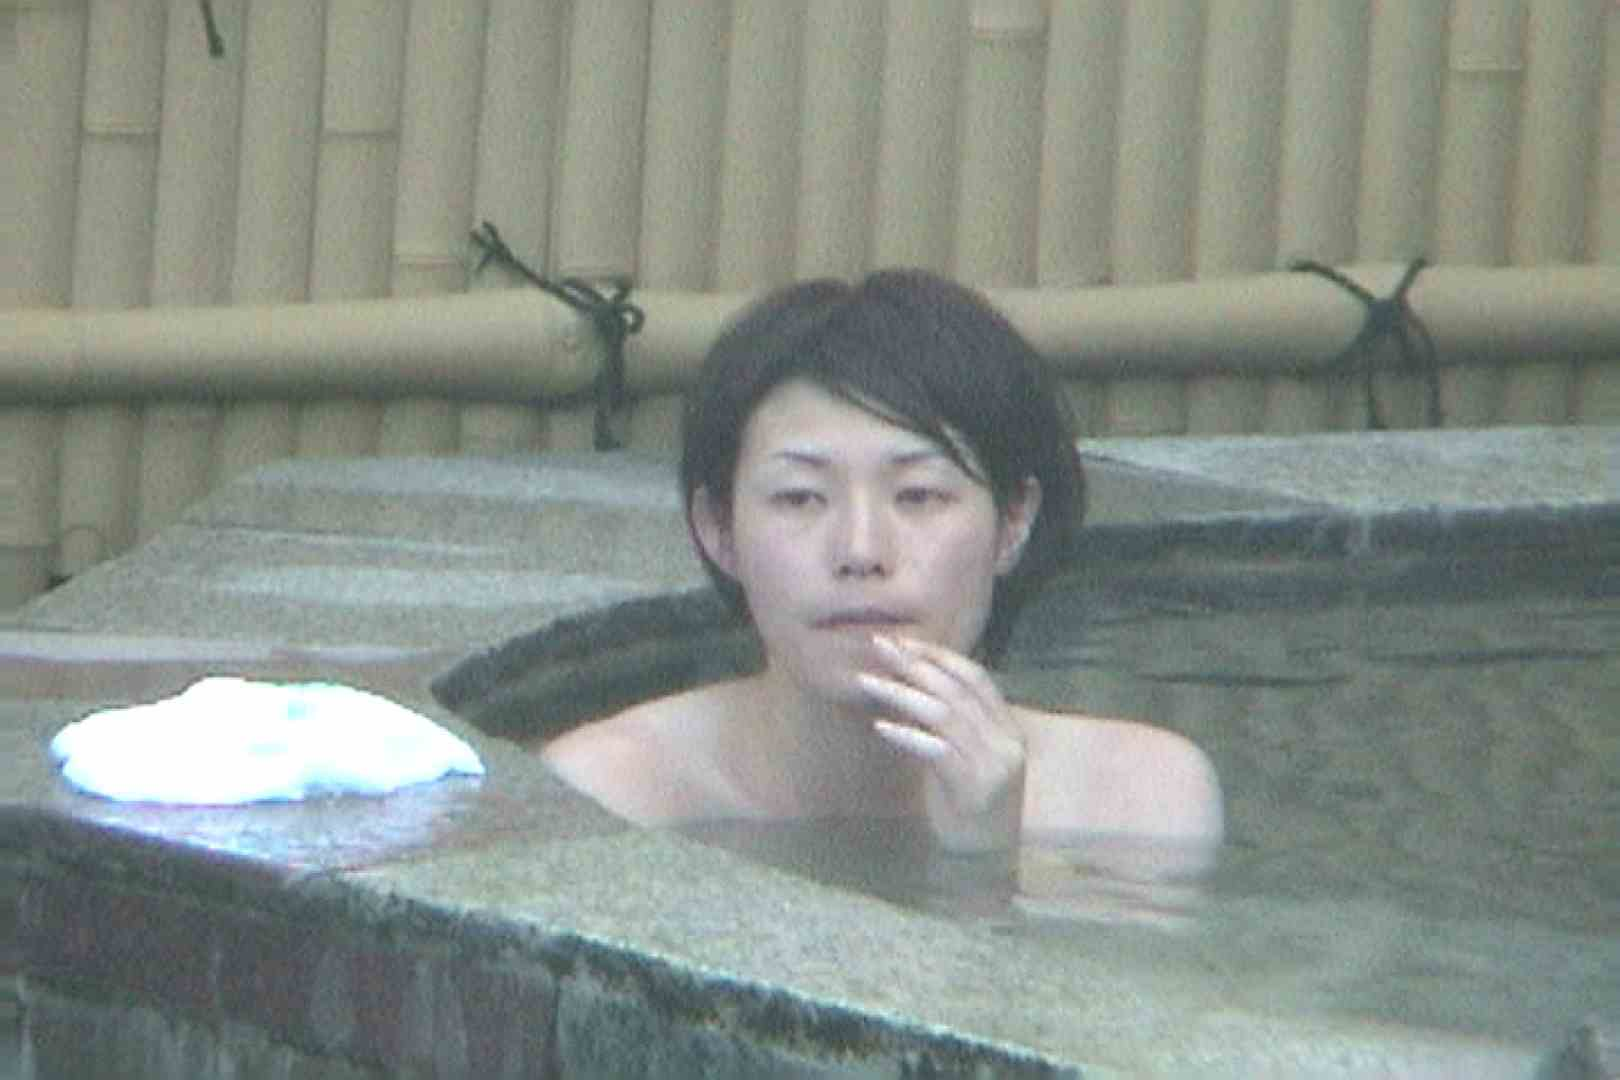 Aquaな露天風呂Vol.100【VIP限定】 盗撮   露天  98pic 26